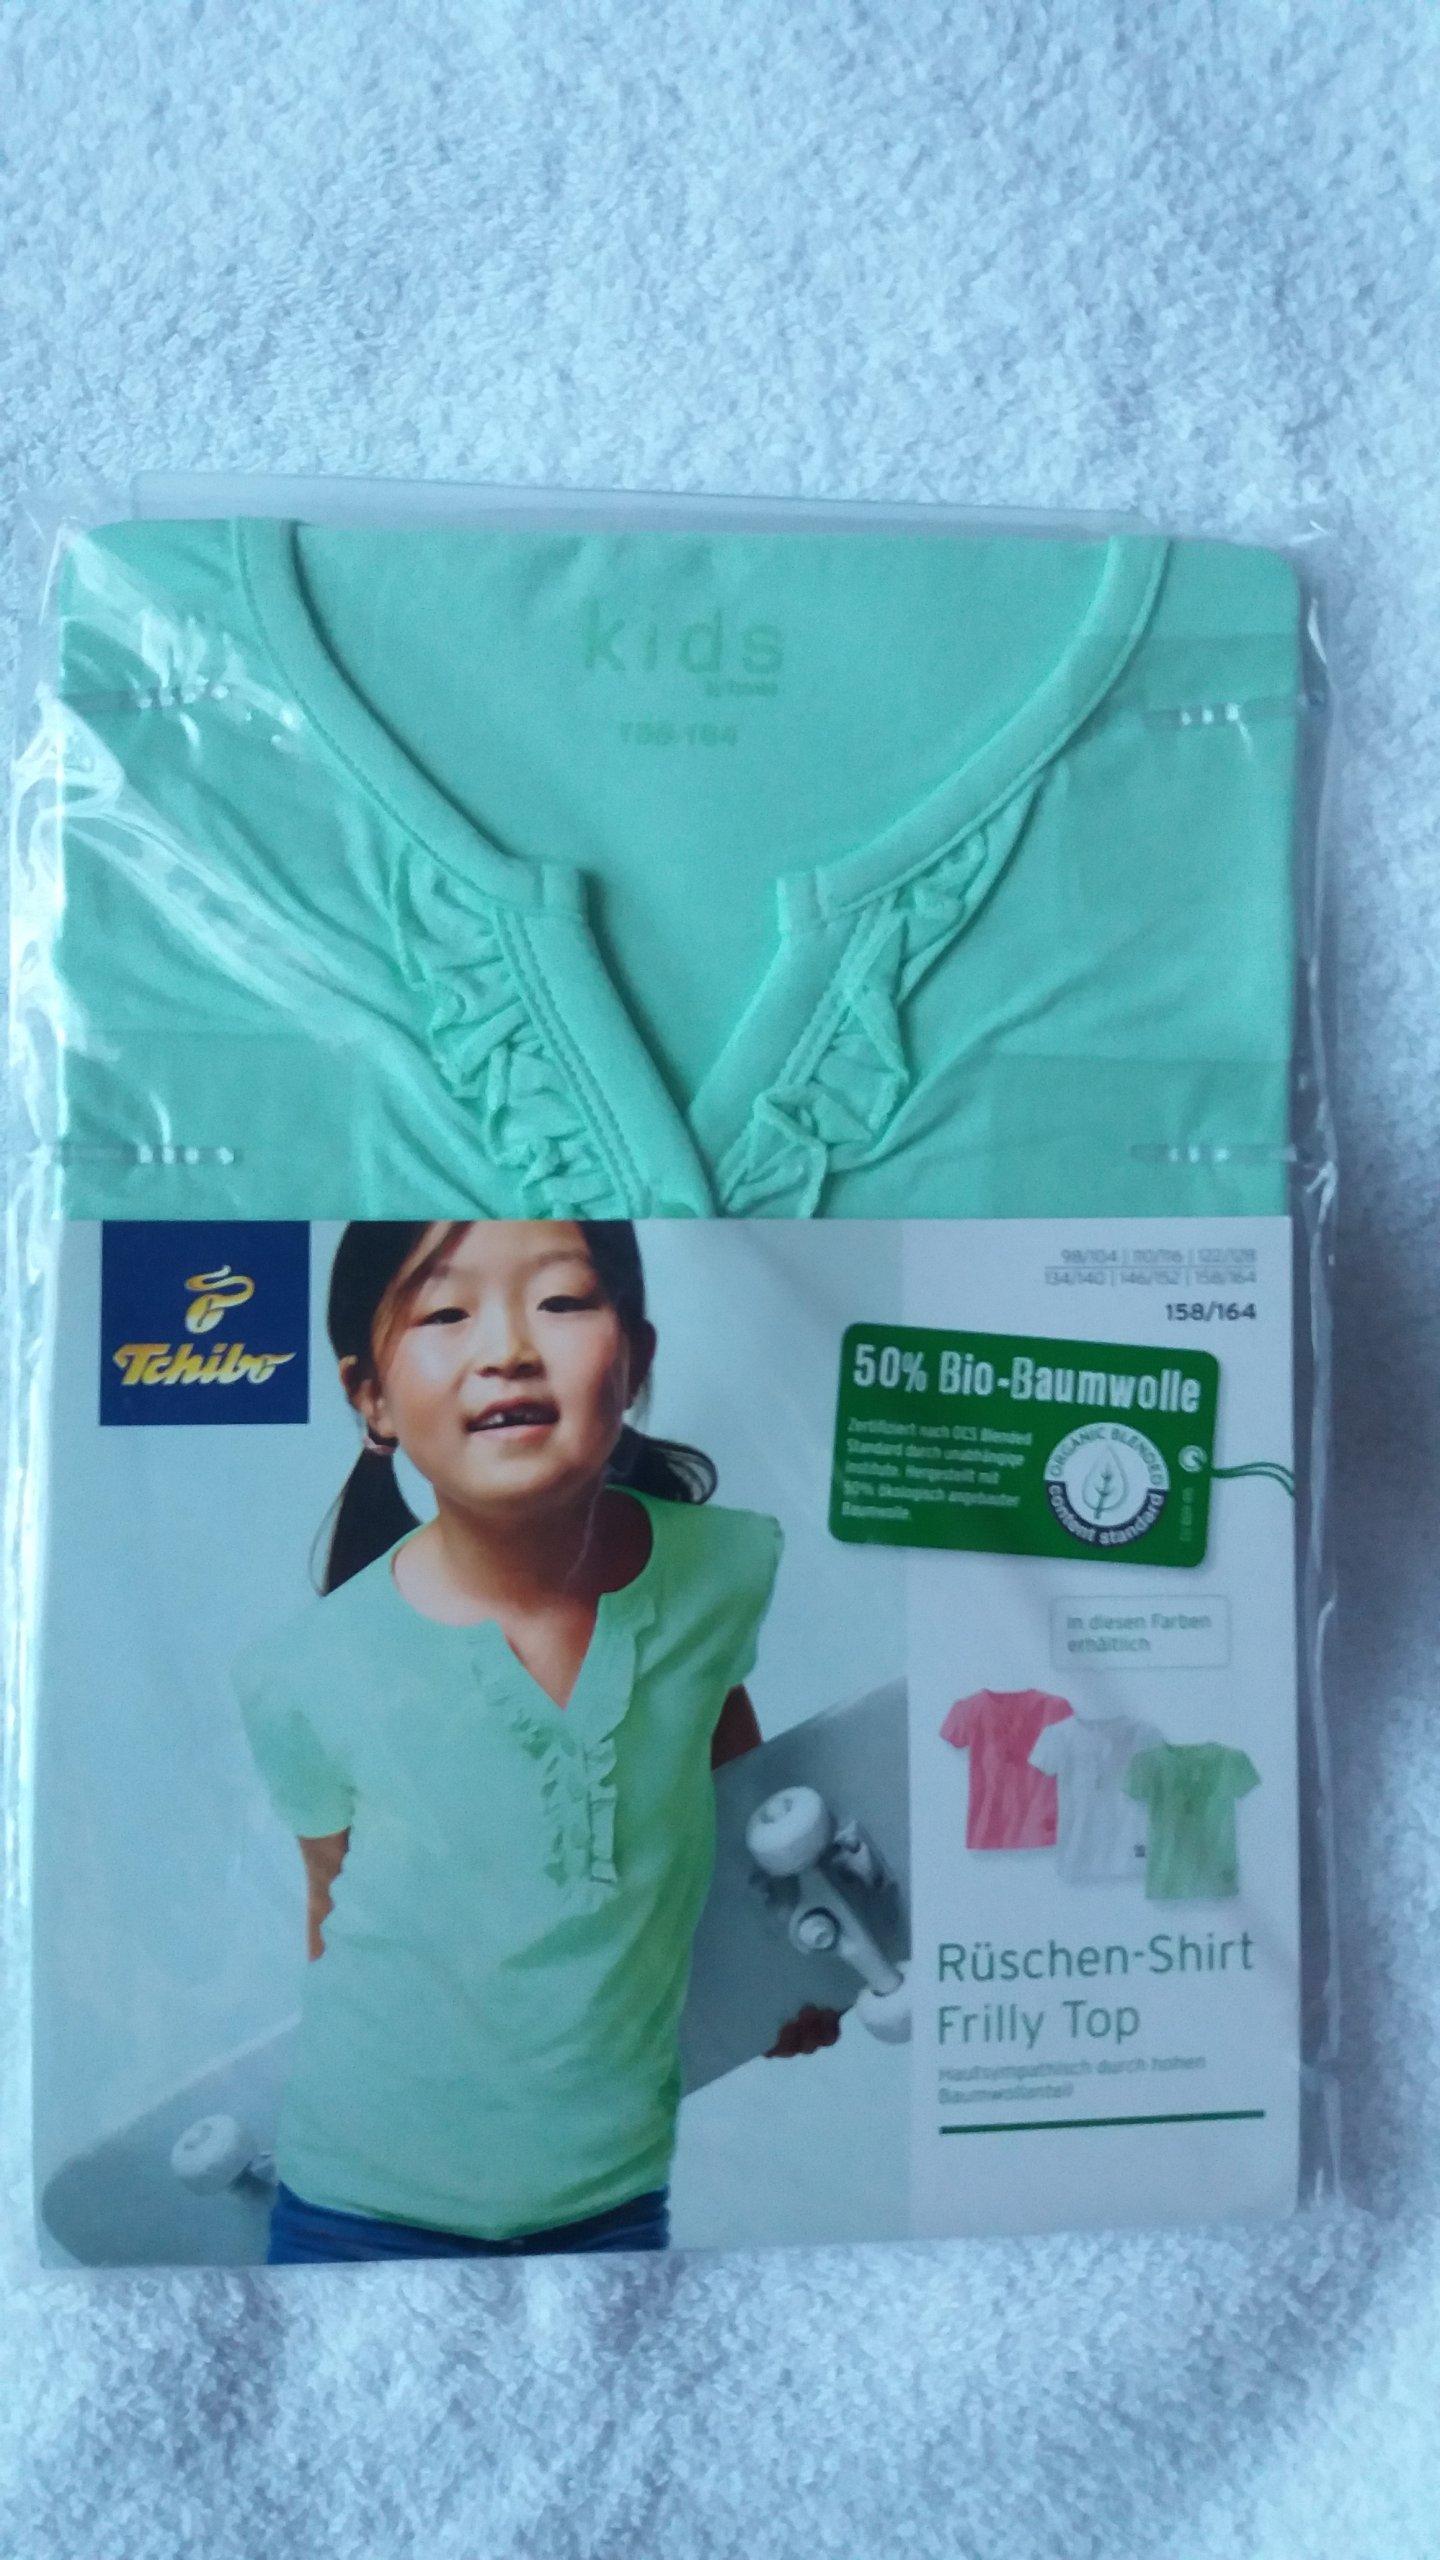 1342726313d6ad TCHIBO Bluzka koszulka pistacjowa rozmiar 158/164 - 7374222019 ...